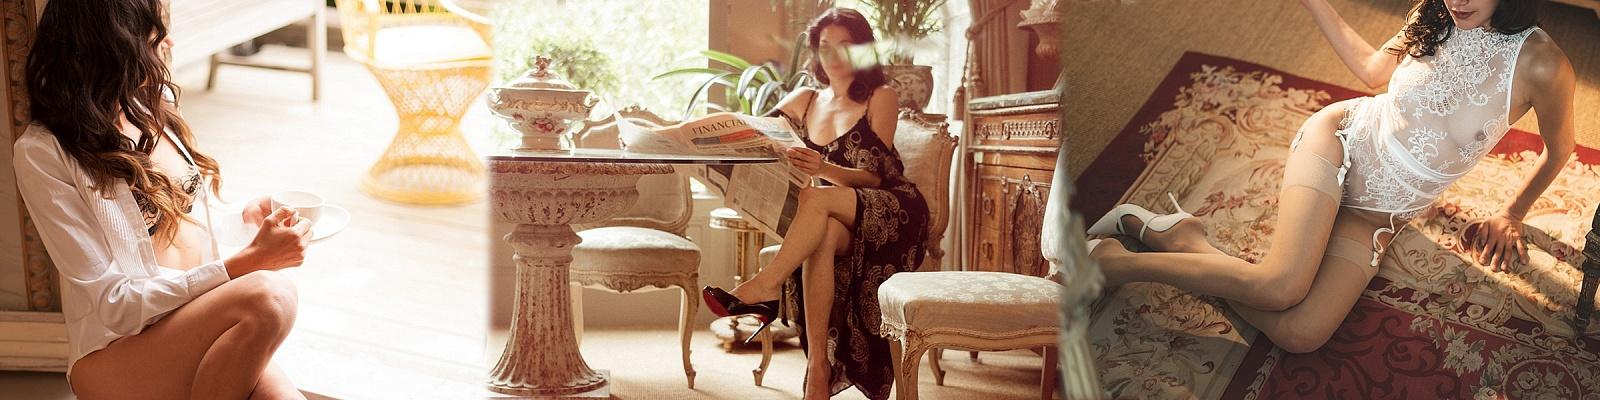 Claudia Taylor Escort